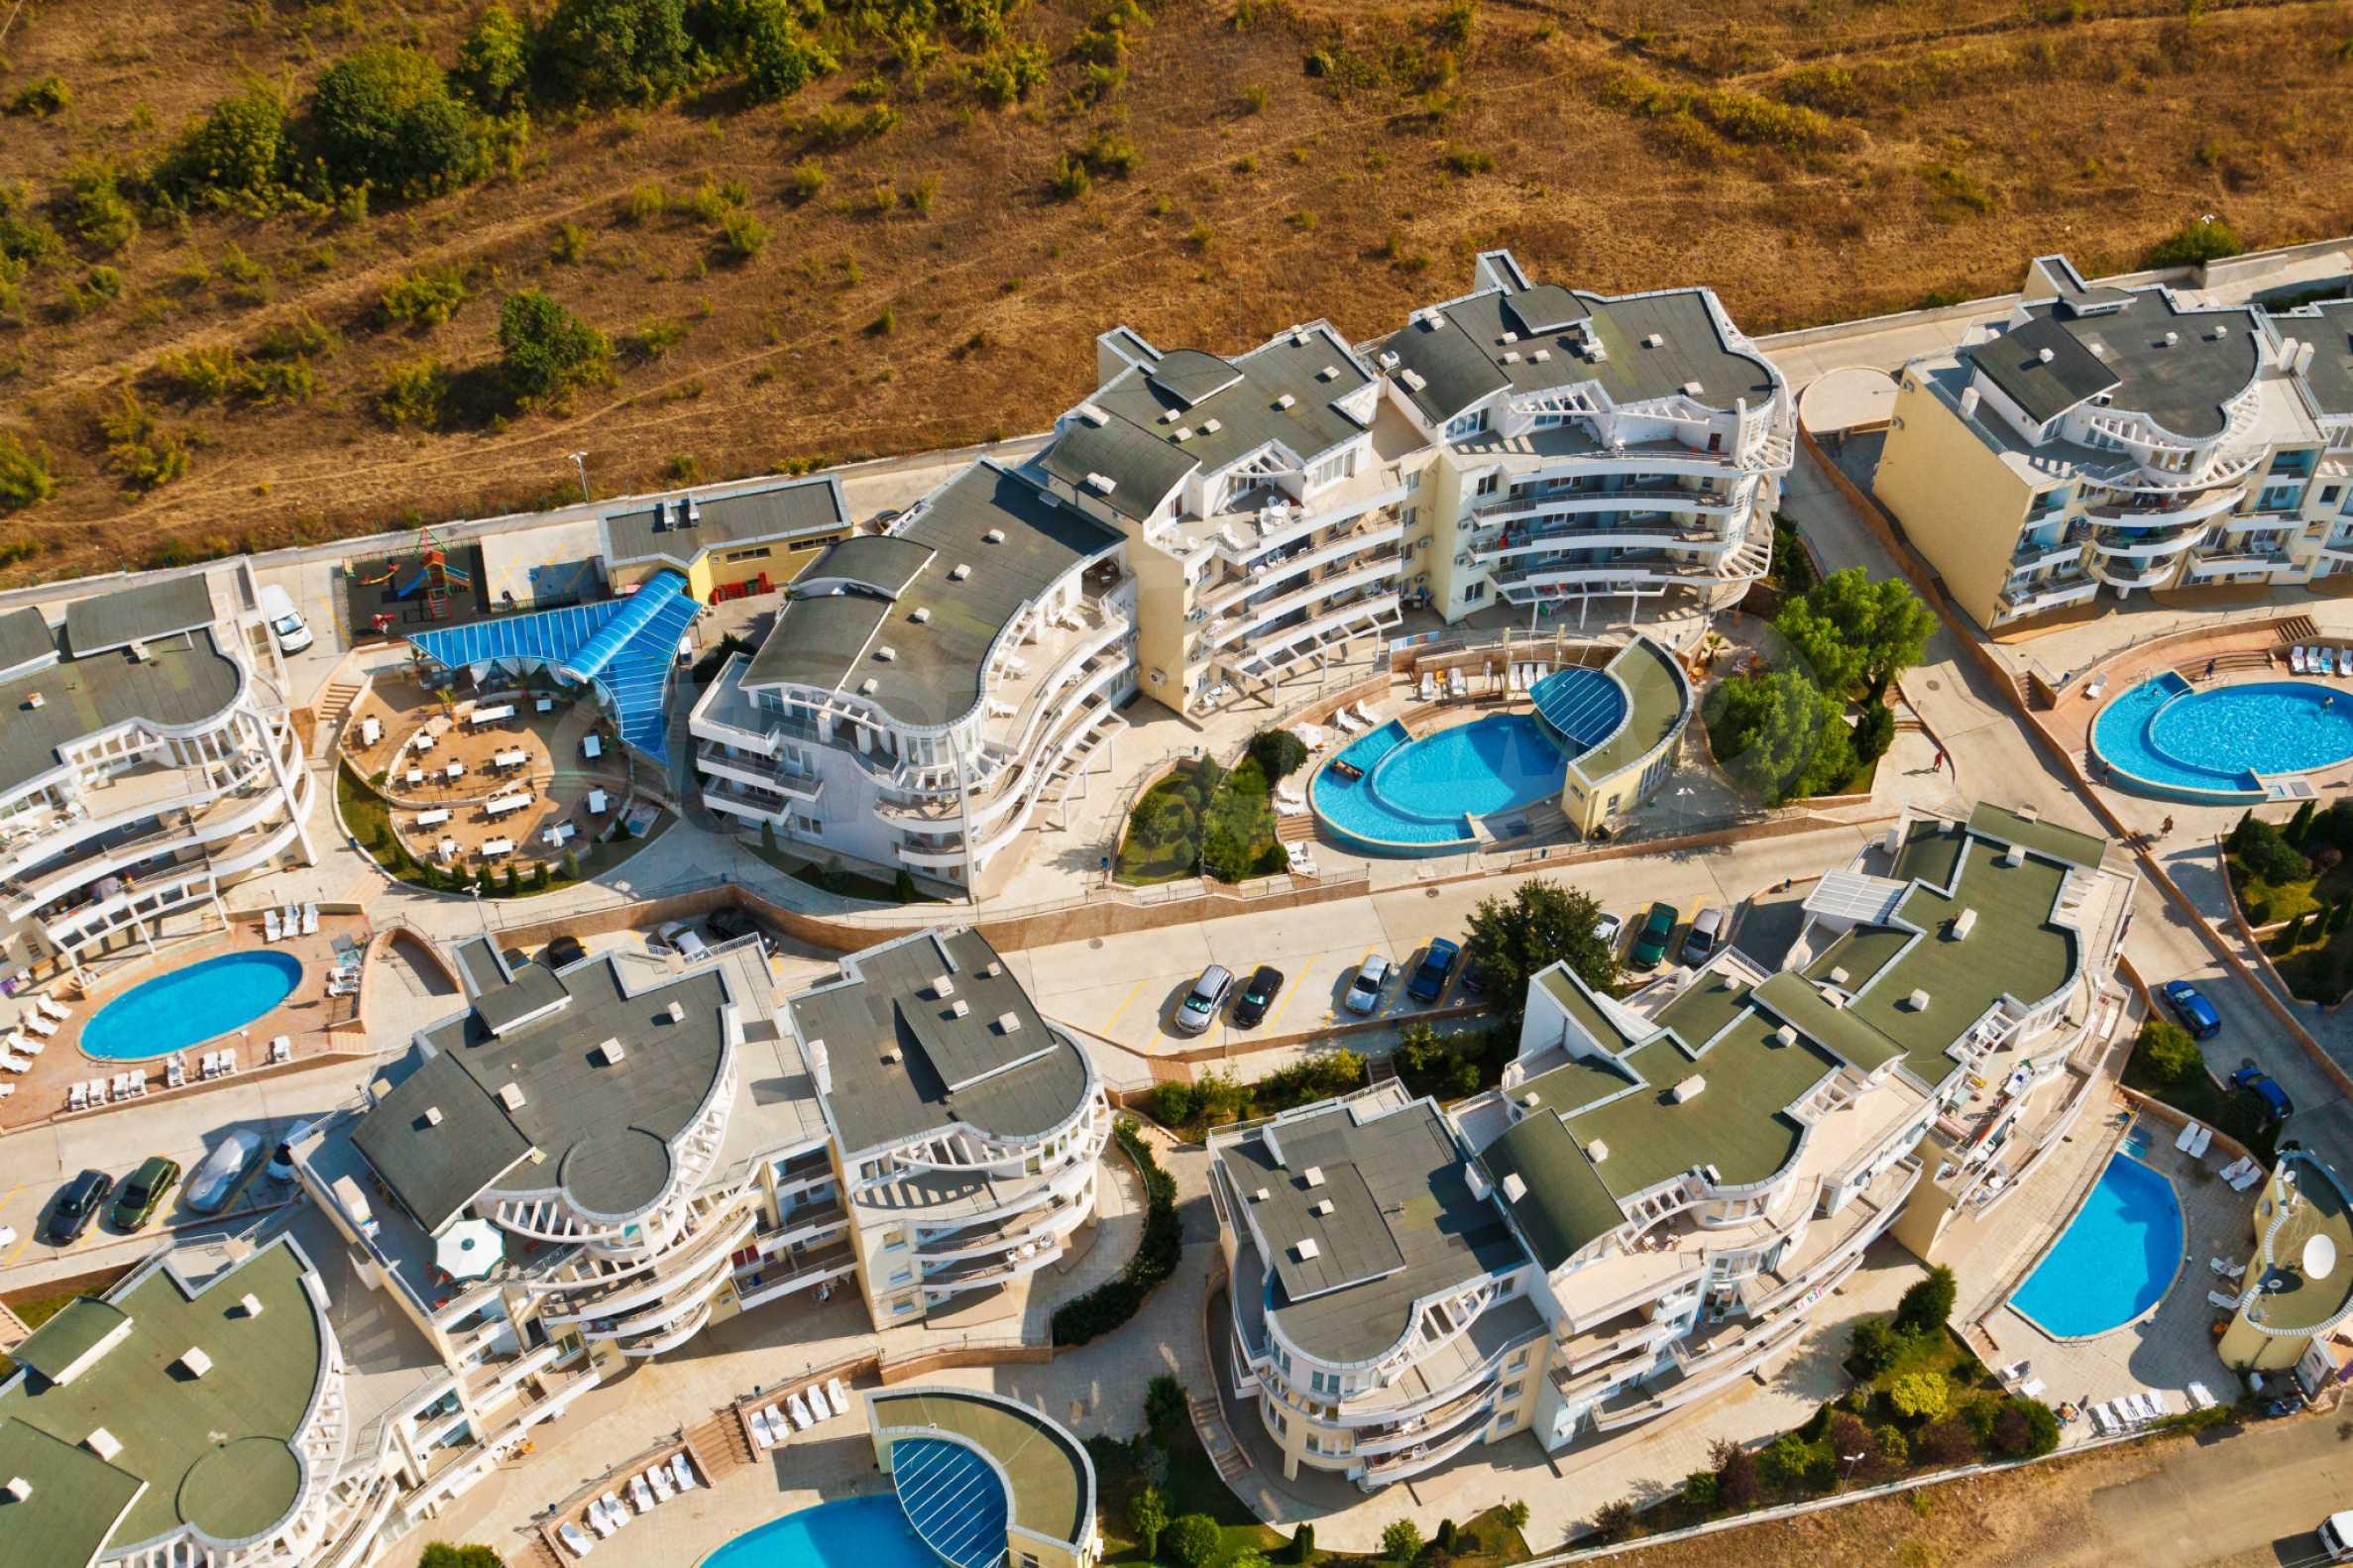 Erschlossene Grundstücke in der luxuriösen Villa-Siedlung SUNSET VILLAS 16